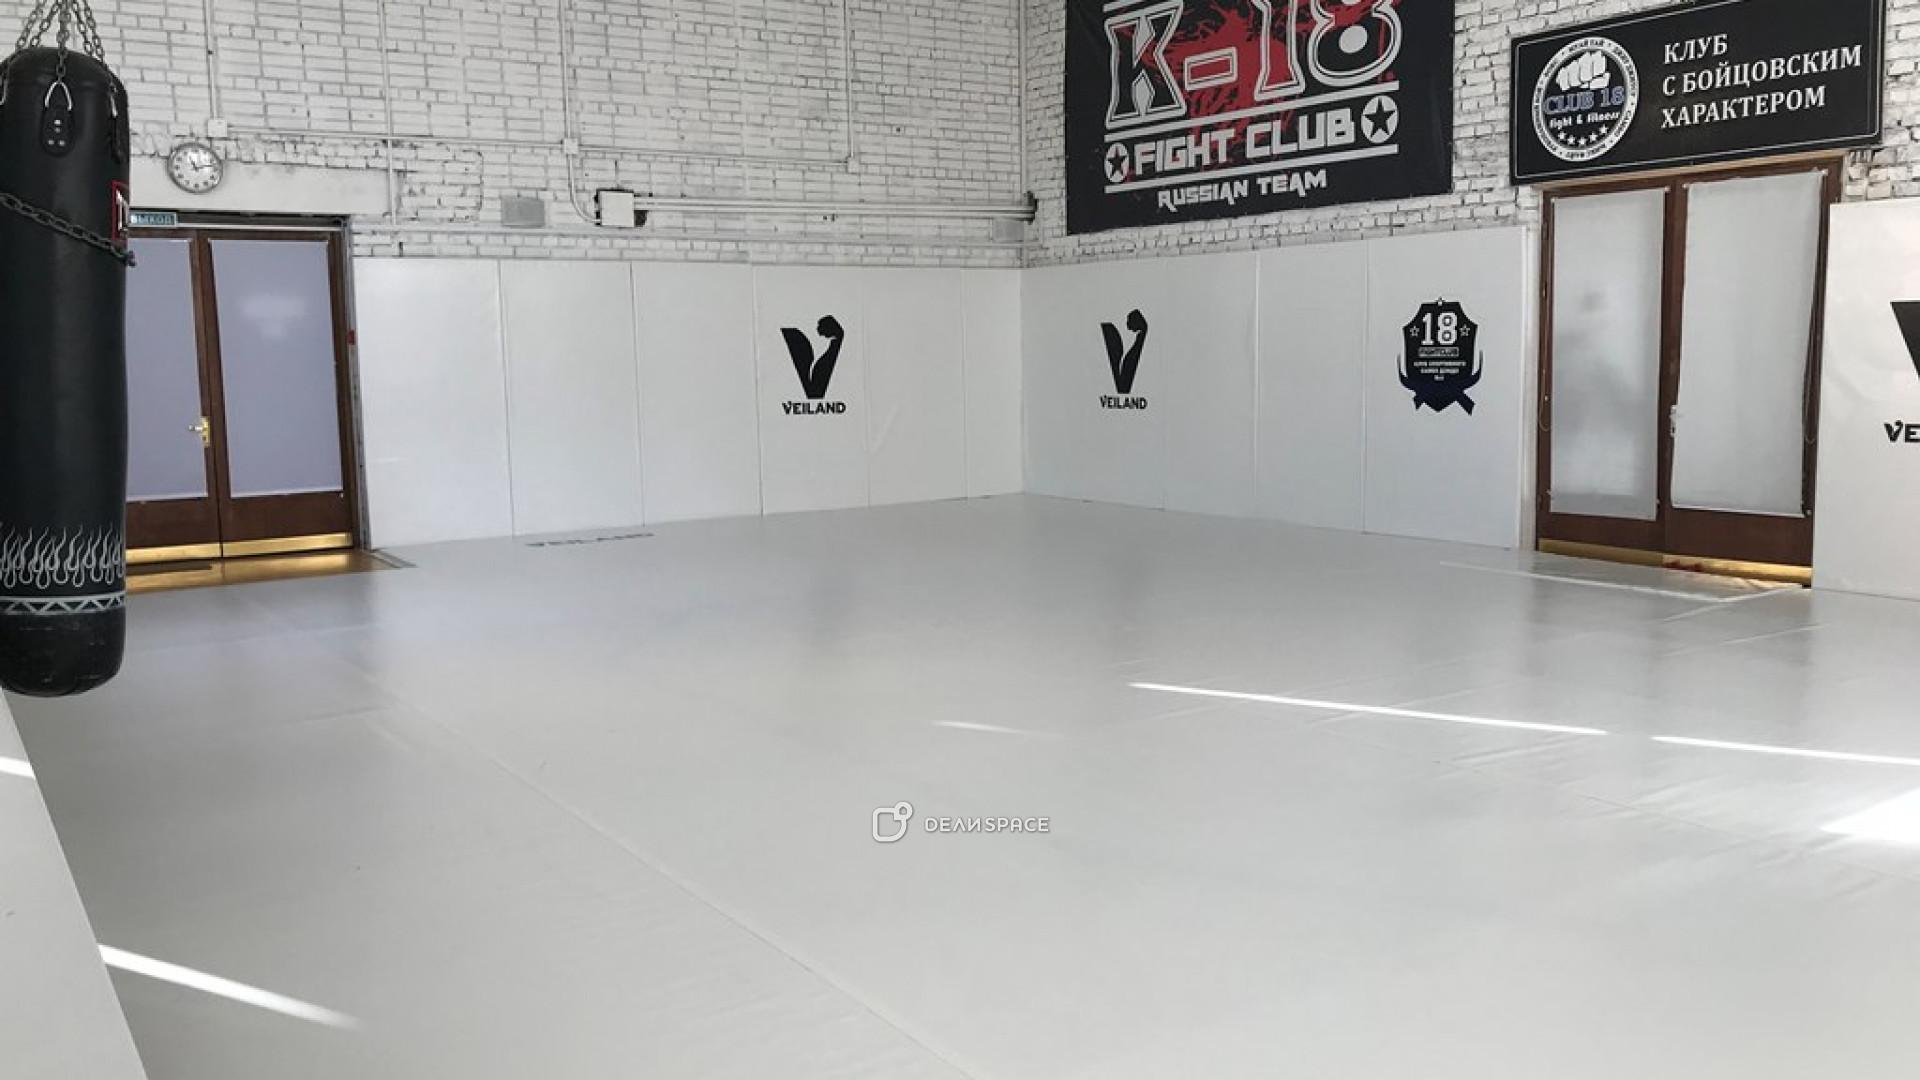 Мягкий зал №1 боевых искусств